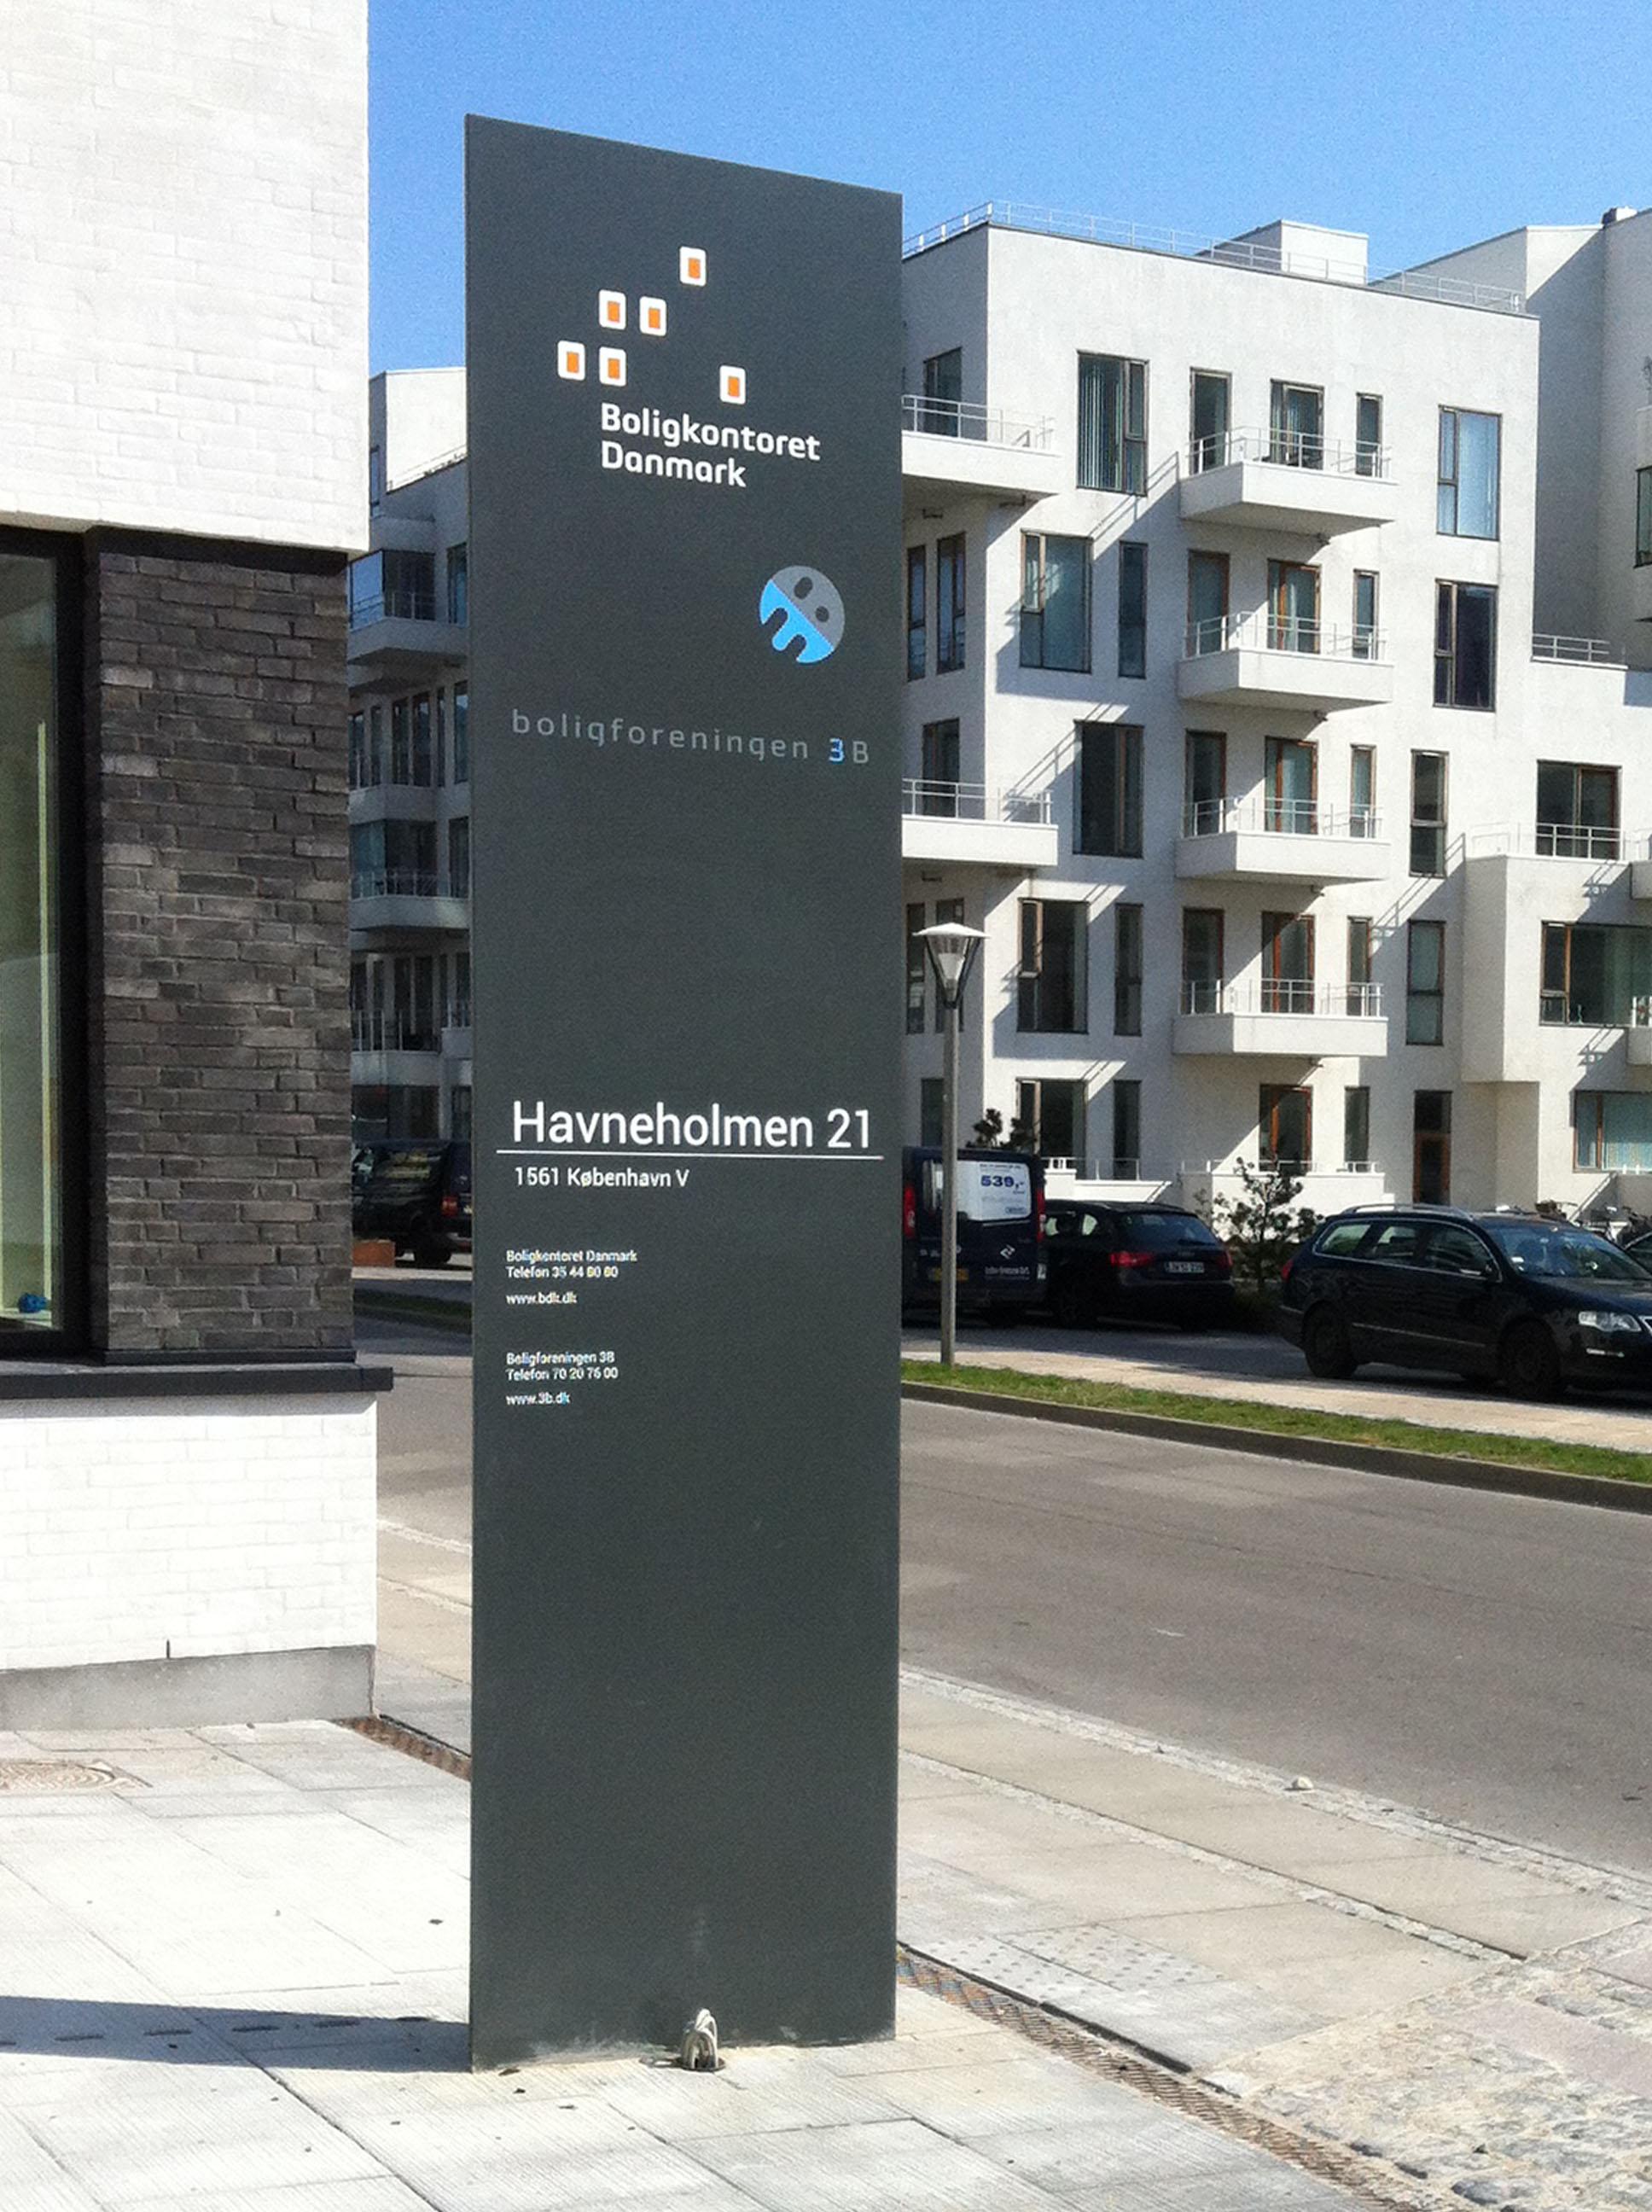 Havneholmen - Building Supply DK